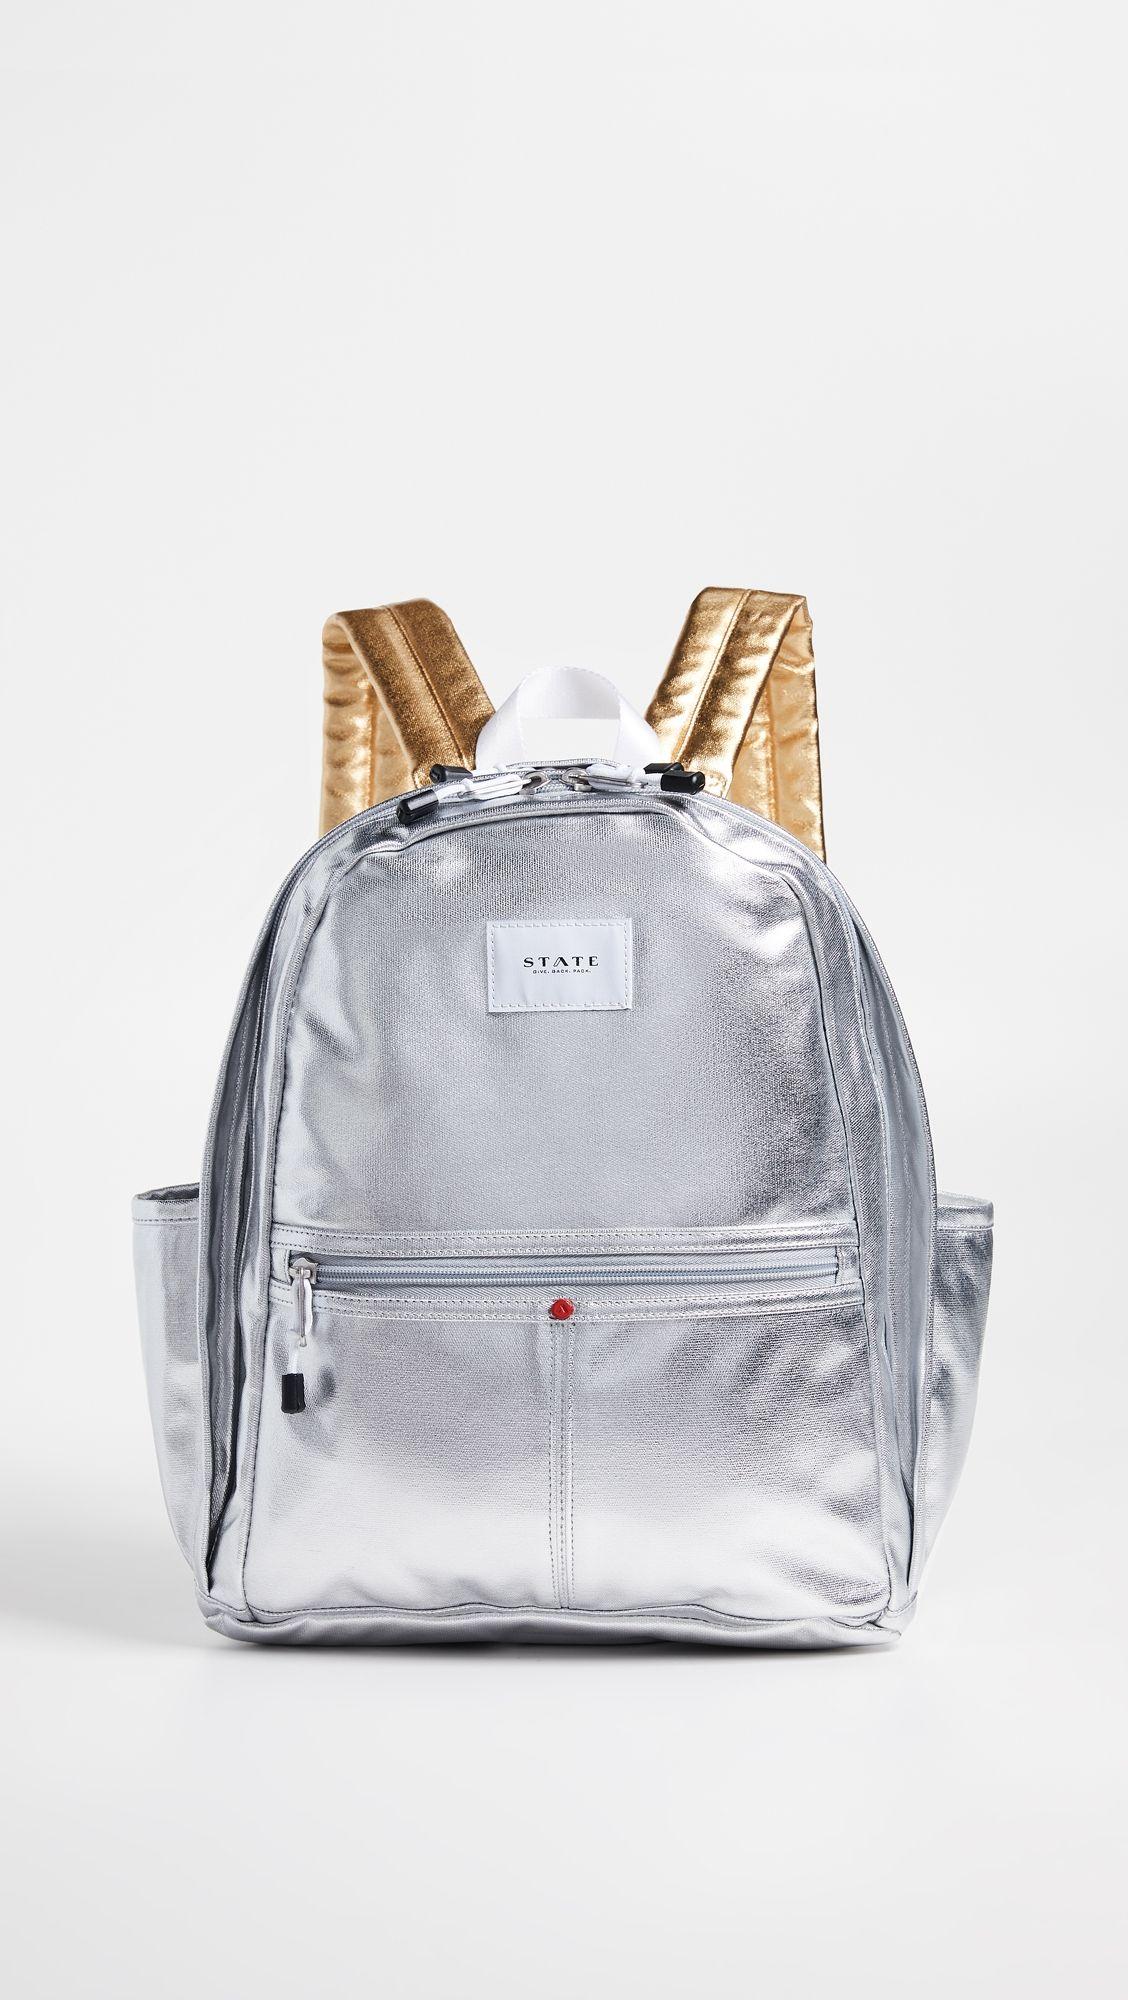 fedf42b4c3e3 STATE Kent Backpack